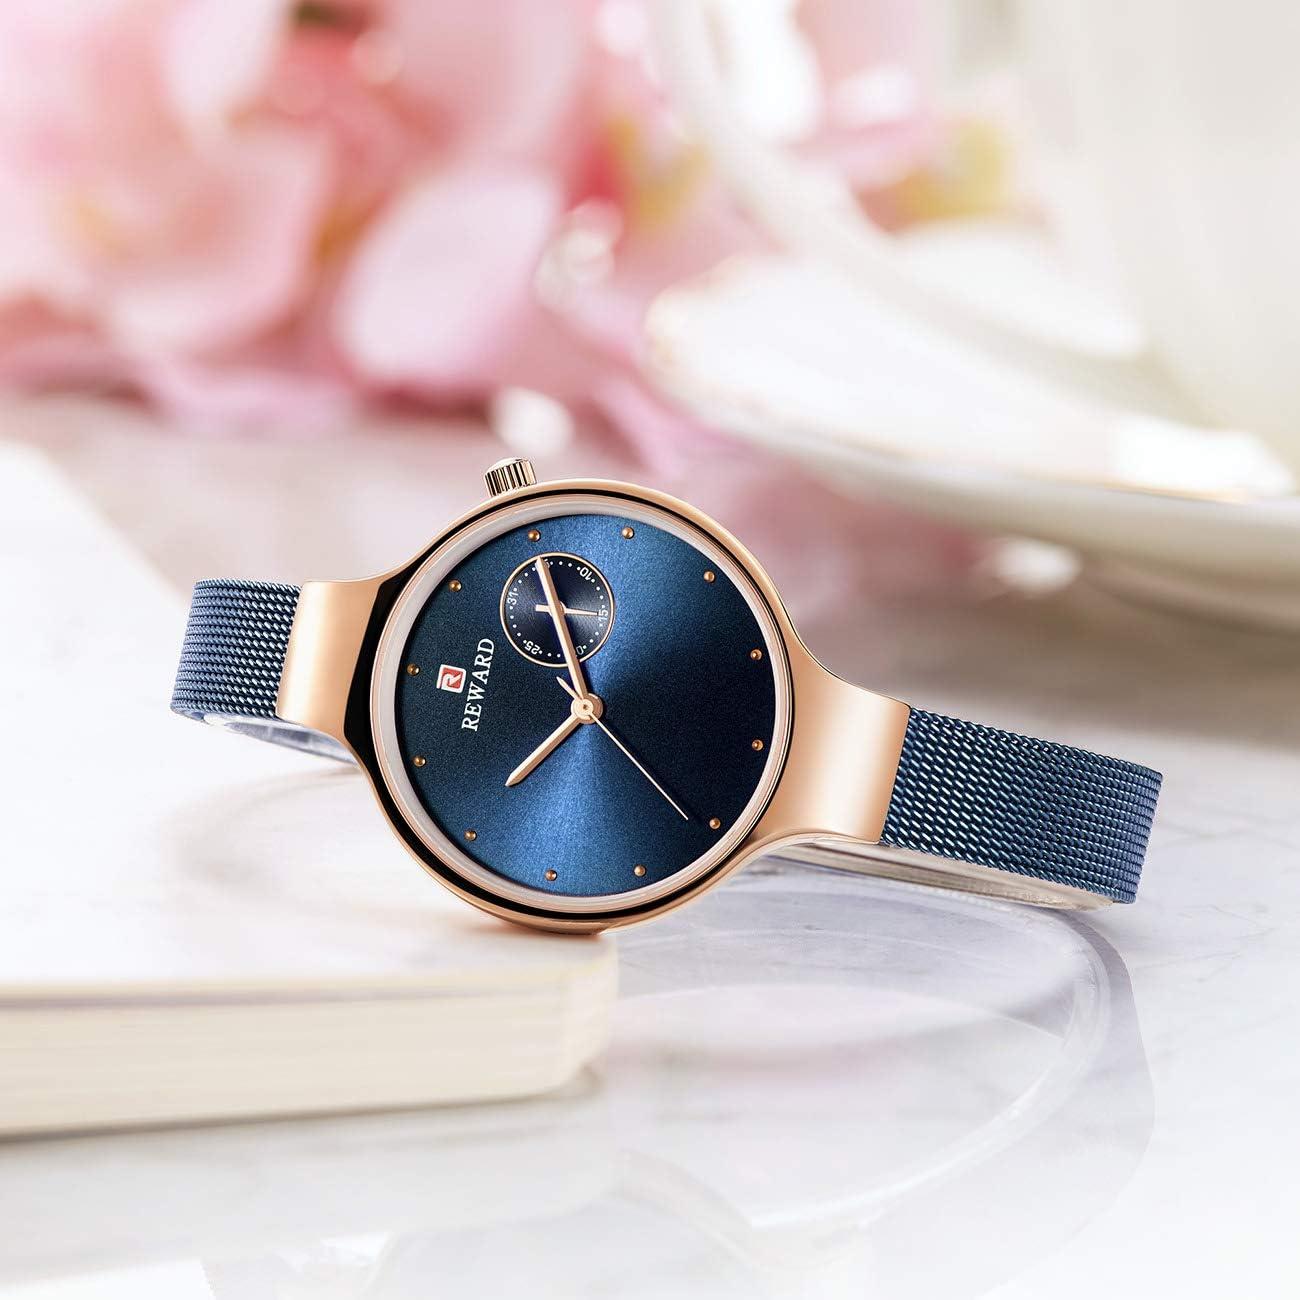 Montre Quartz Imperméable Montres pour Femmes Acier Inoxydable Bracelet Diamant en Cristal Blue